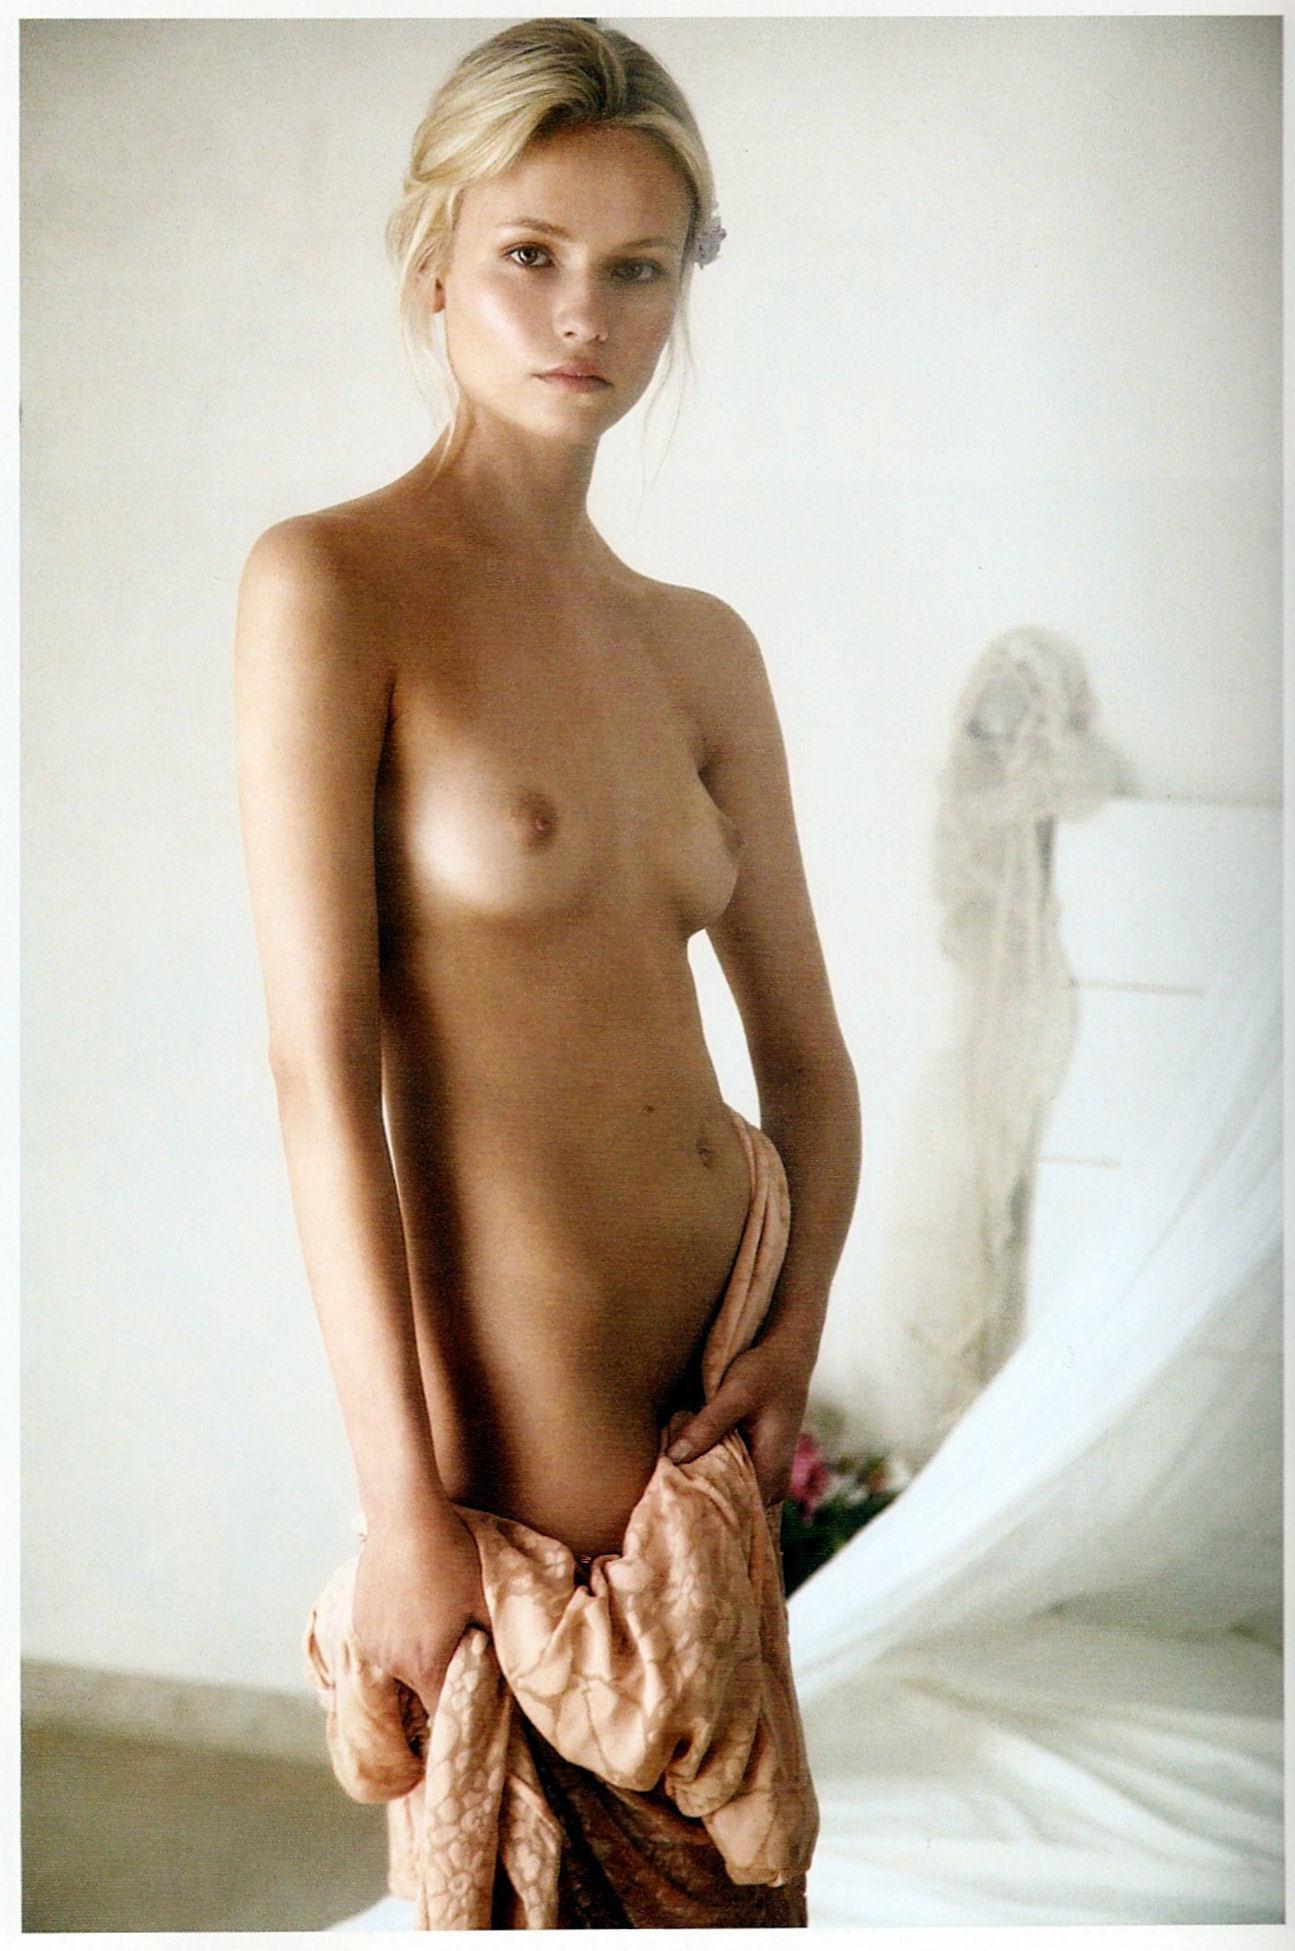 natasha poly nude ... Natasha Poly Nude [1295x1951] [254.19 kb] ...